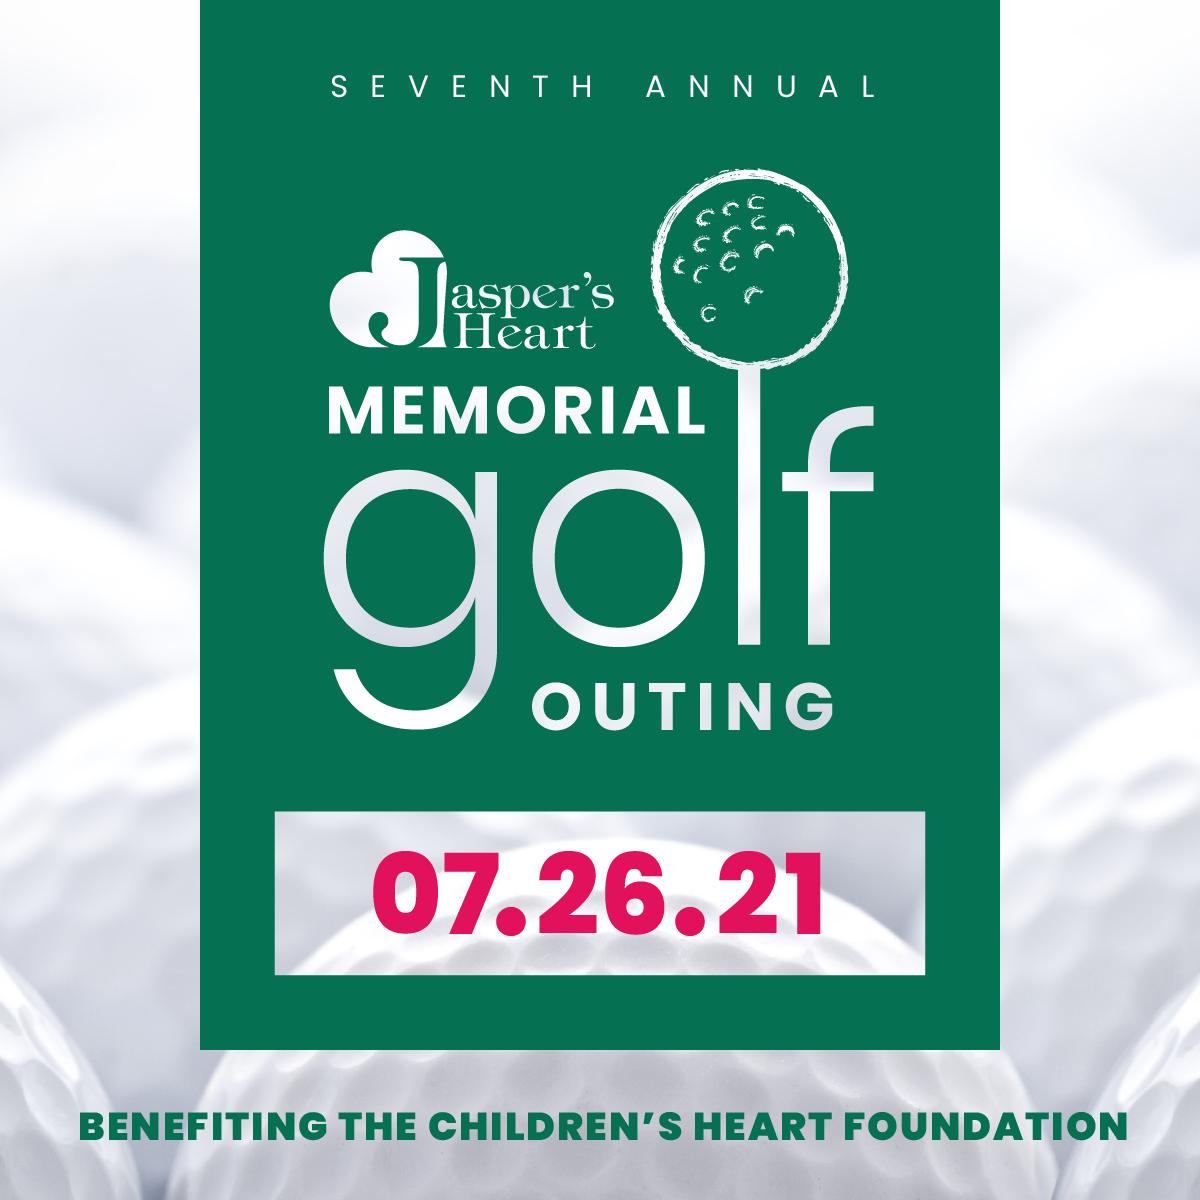 Jasper Johnson Memorial Golf Outing